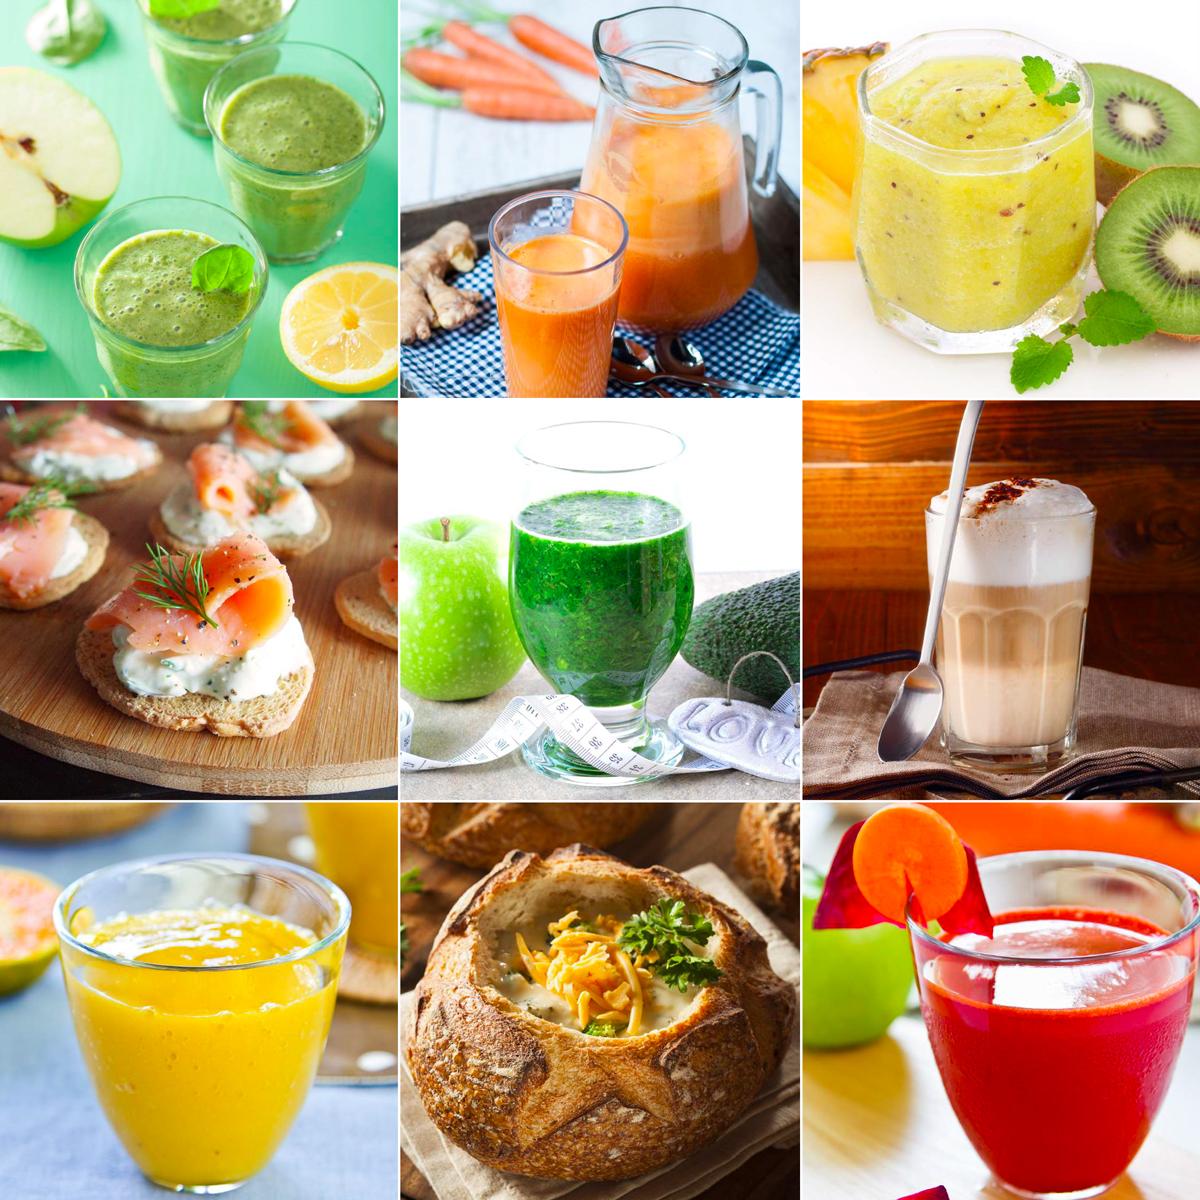 スープやソース、ディップも作れるレシピ付き|氷も皮付き野菜も滑らかなスムージーに…パワフルな小型ブレンダー|ferrano